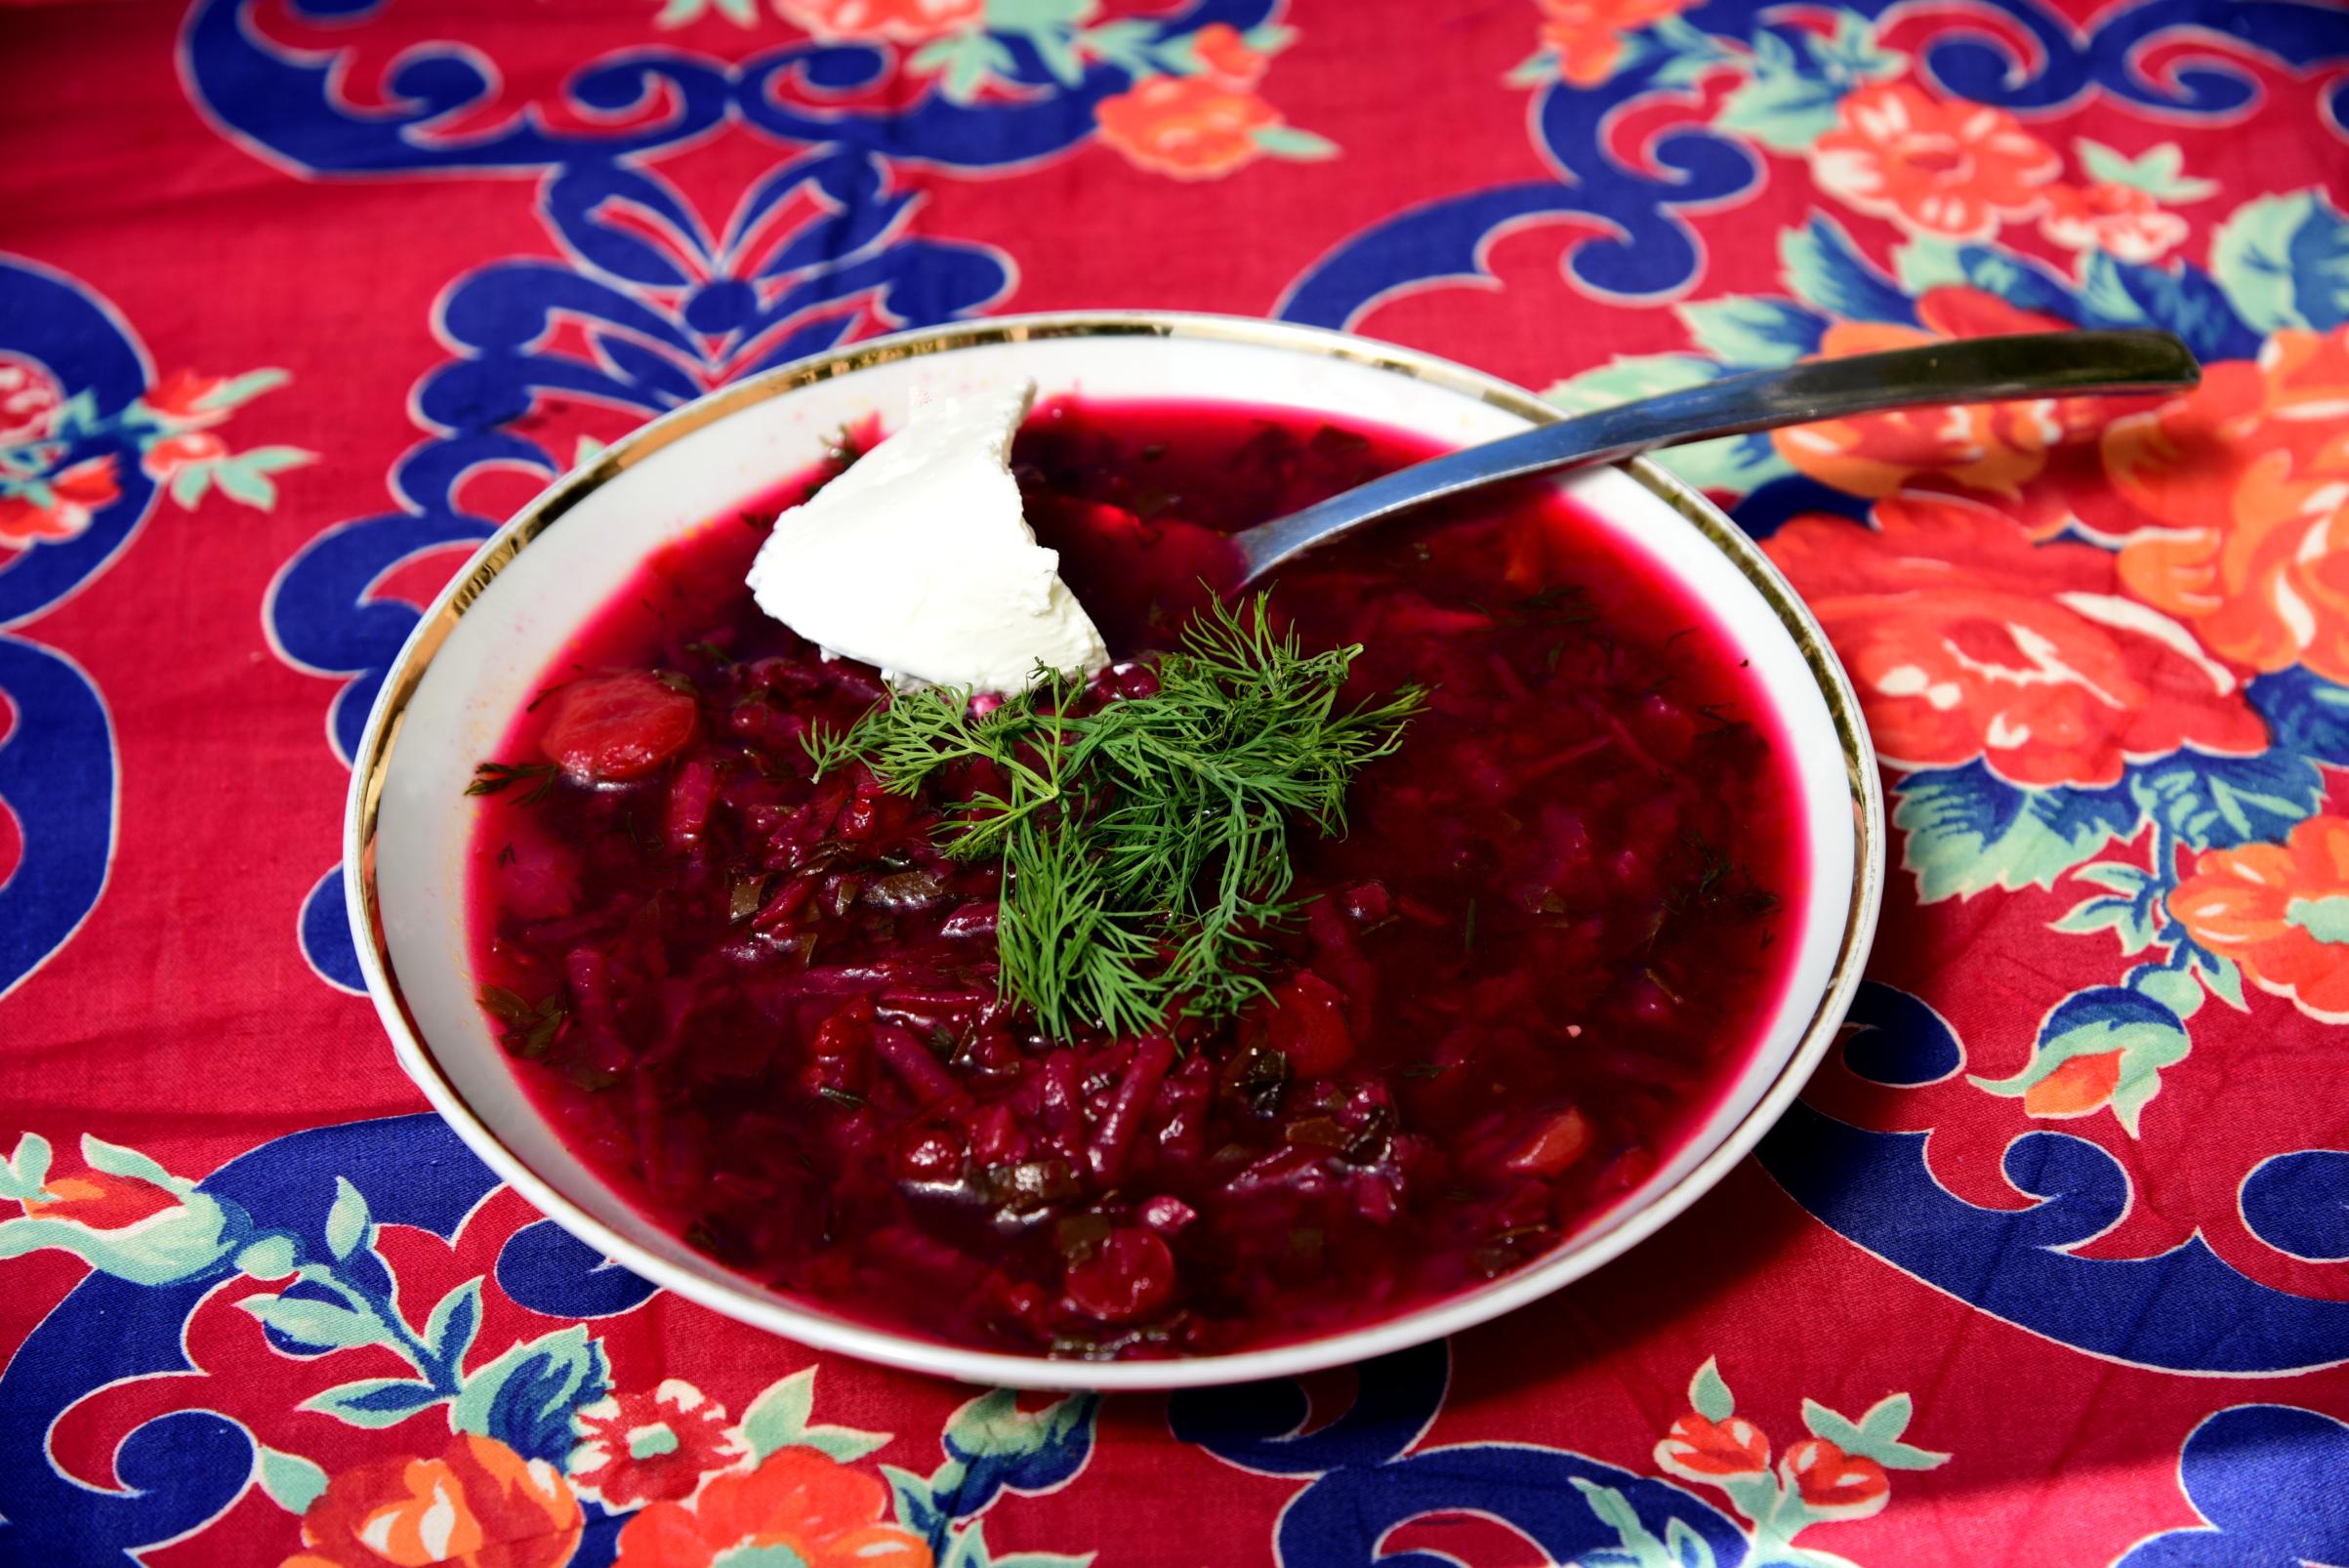 красный борщ со свеклой рецепт с фото связать попону